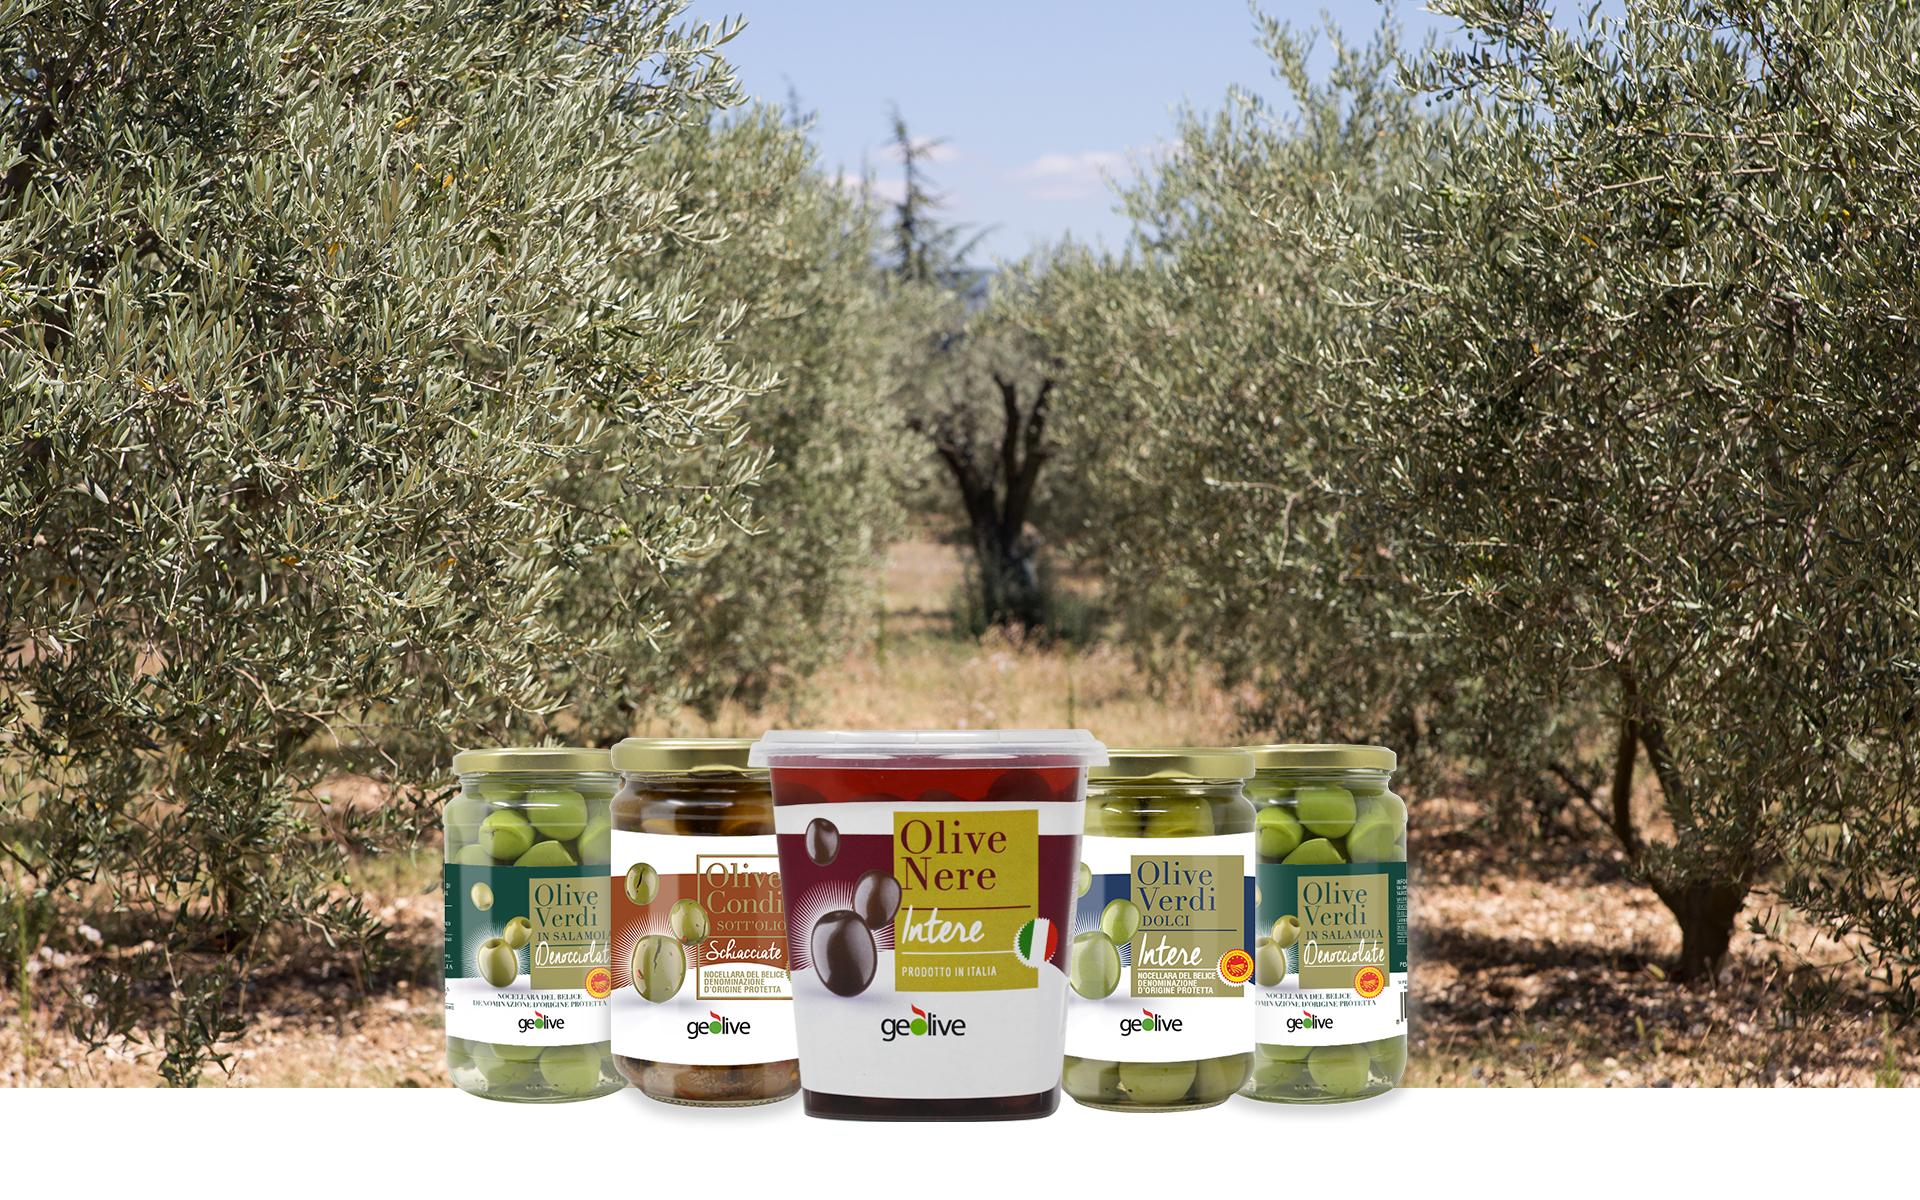 Geolive Belice, azienda leader nella produzione di olive Nocellara del Belìce DOP, Castelvetrano, Trapani.